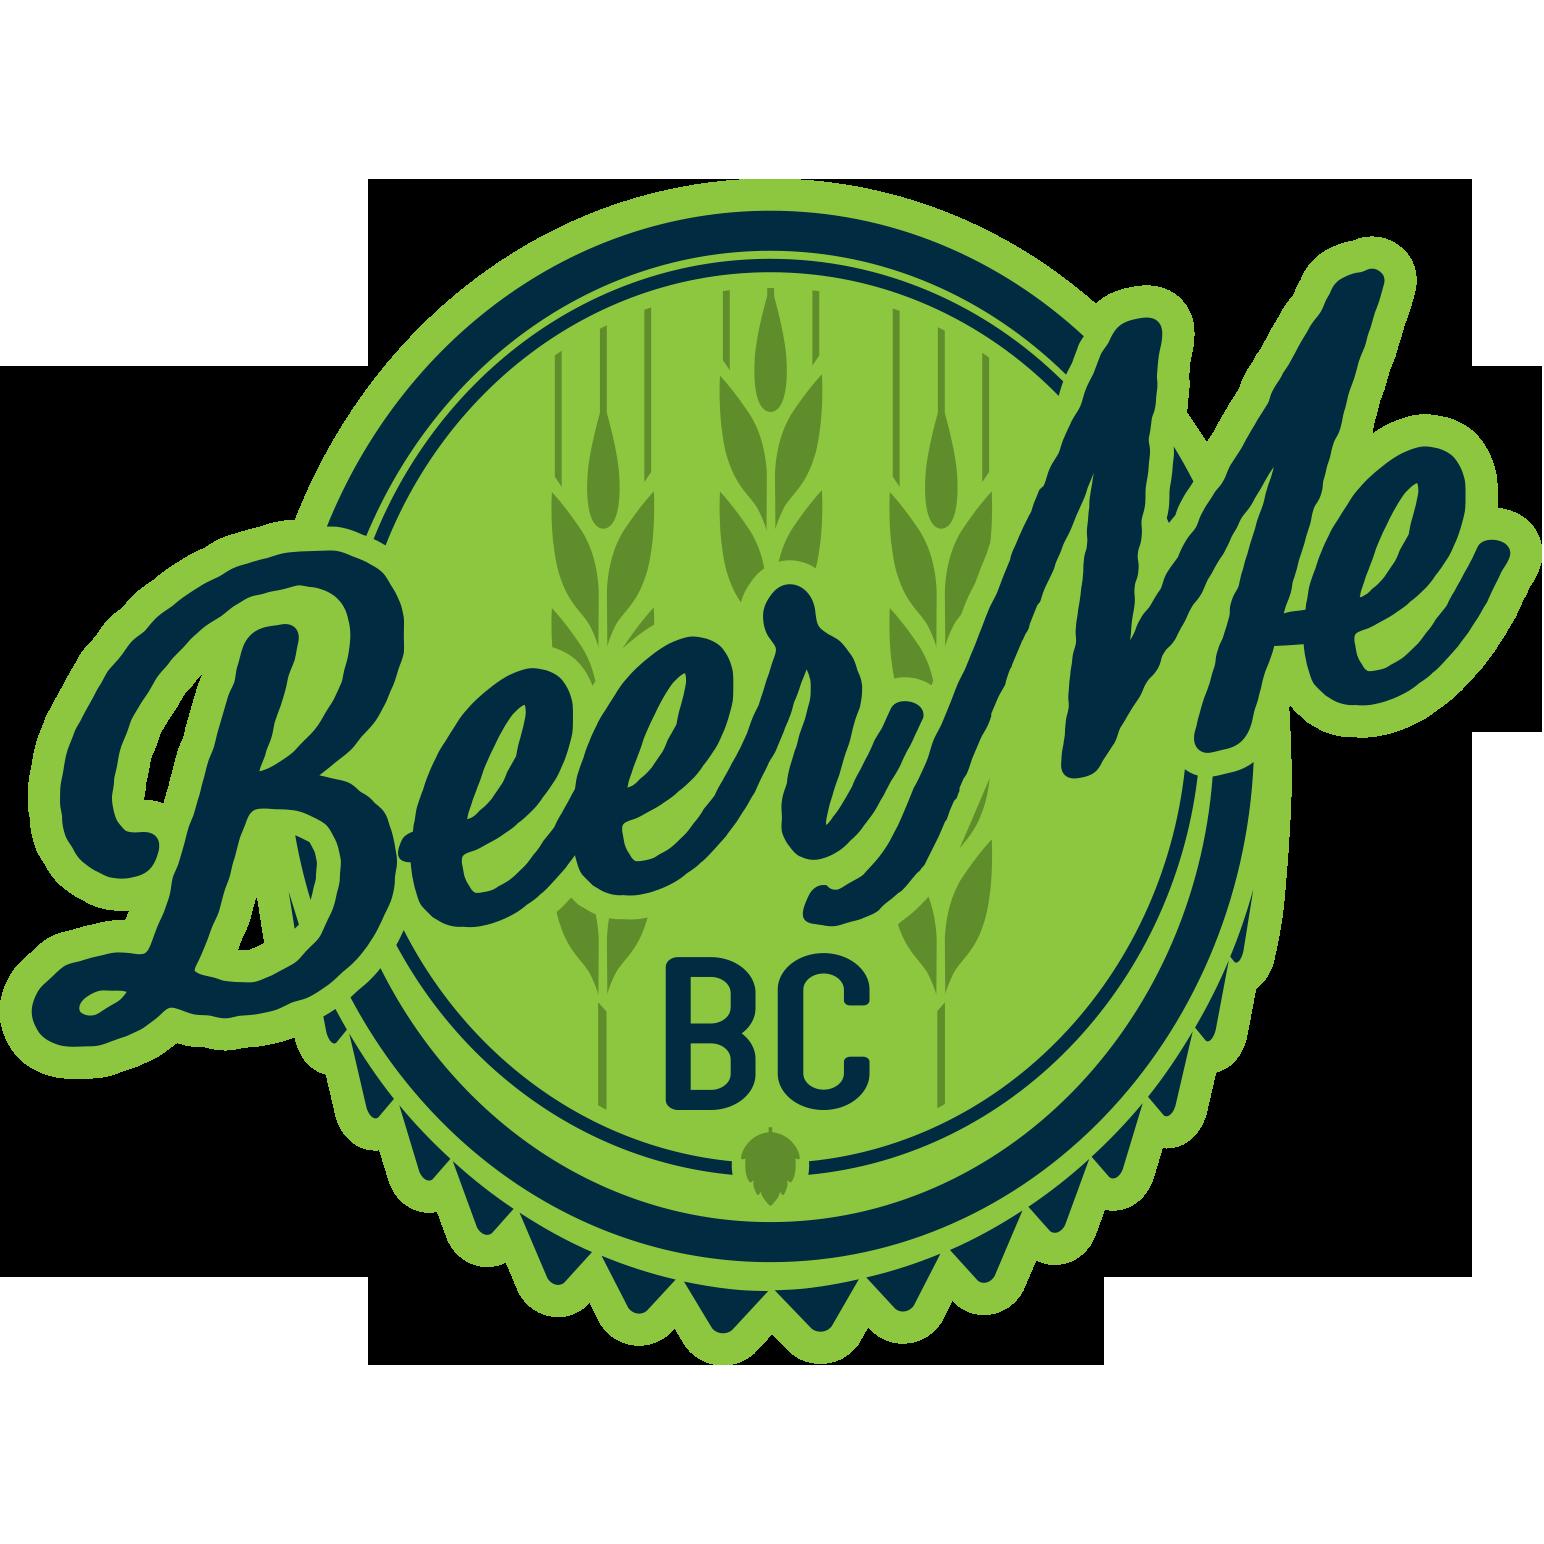 BeerMeBC-FINAL-COLOR-RGB.png